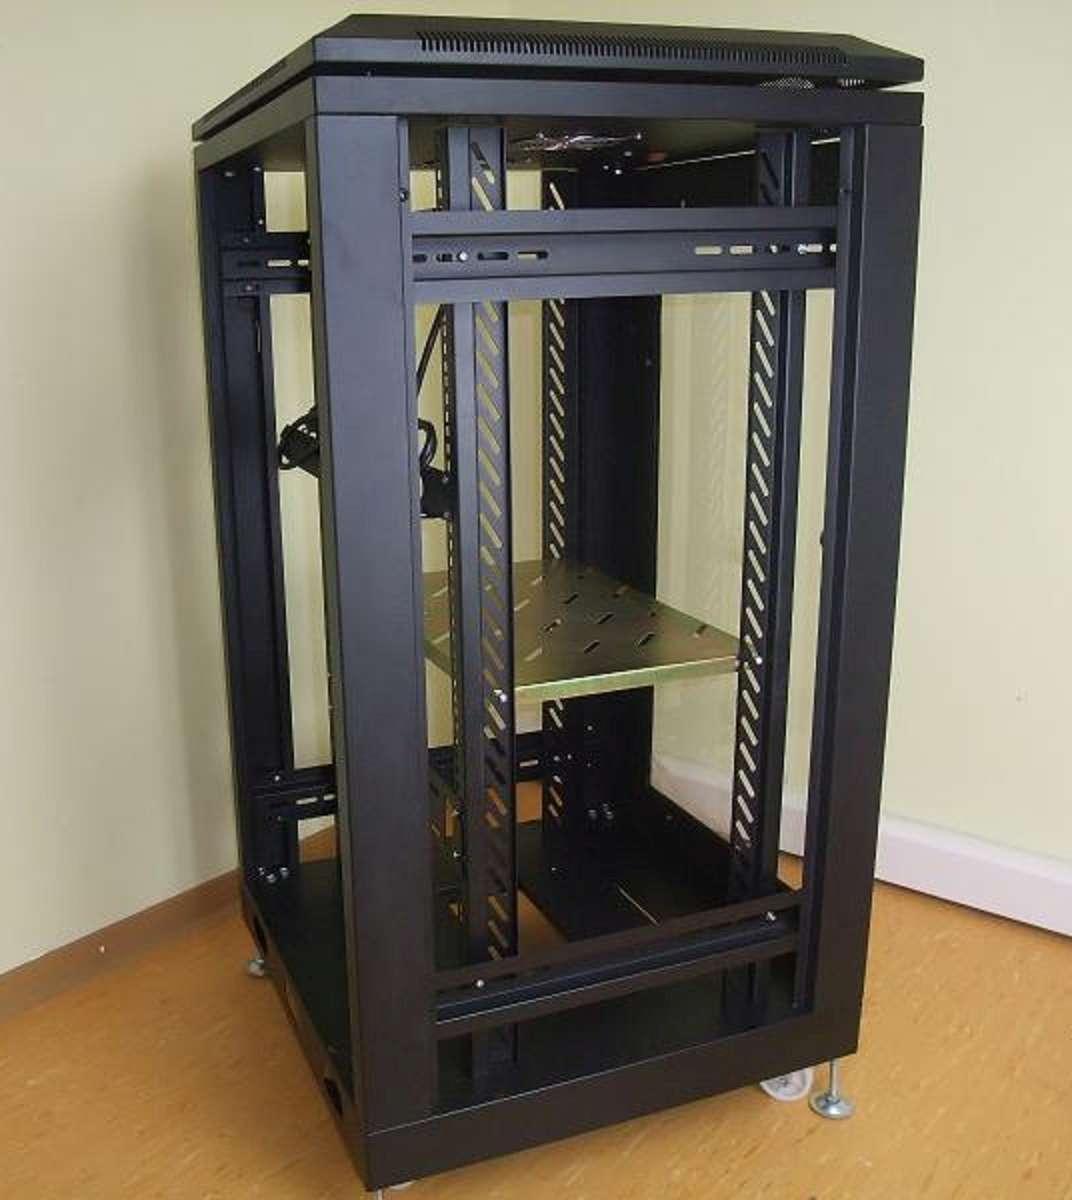 19 Steel Cabinet 20 U With Fan Server Cabinet Studiorack Network